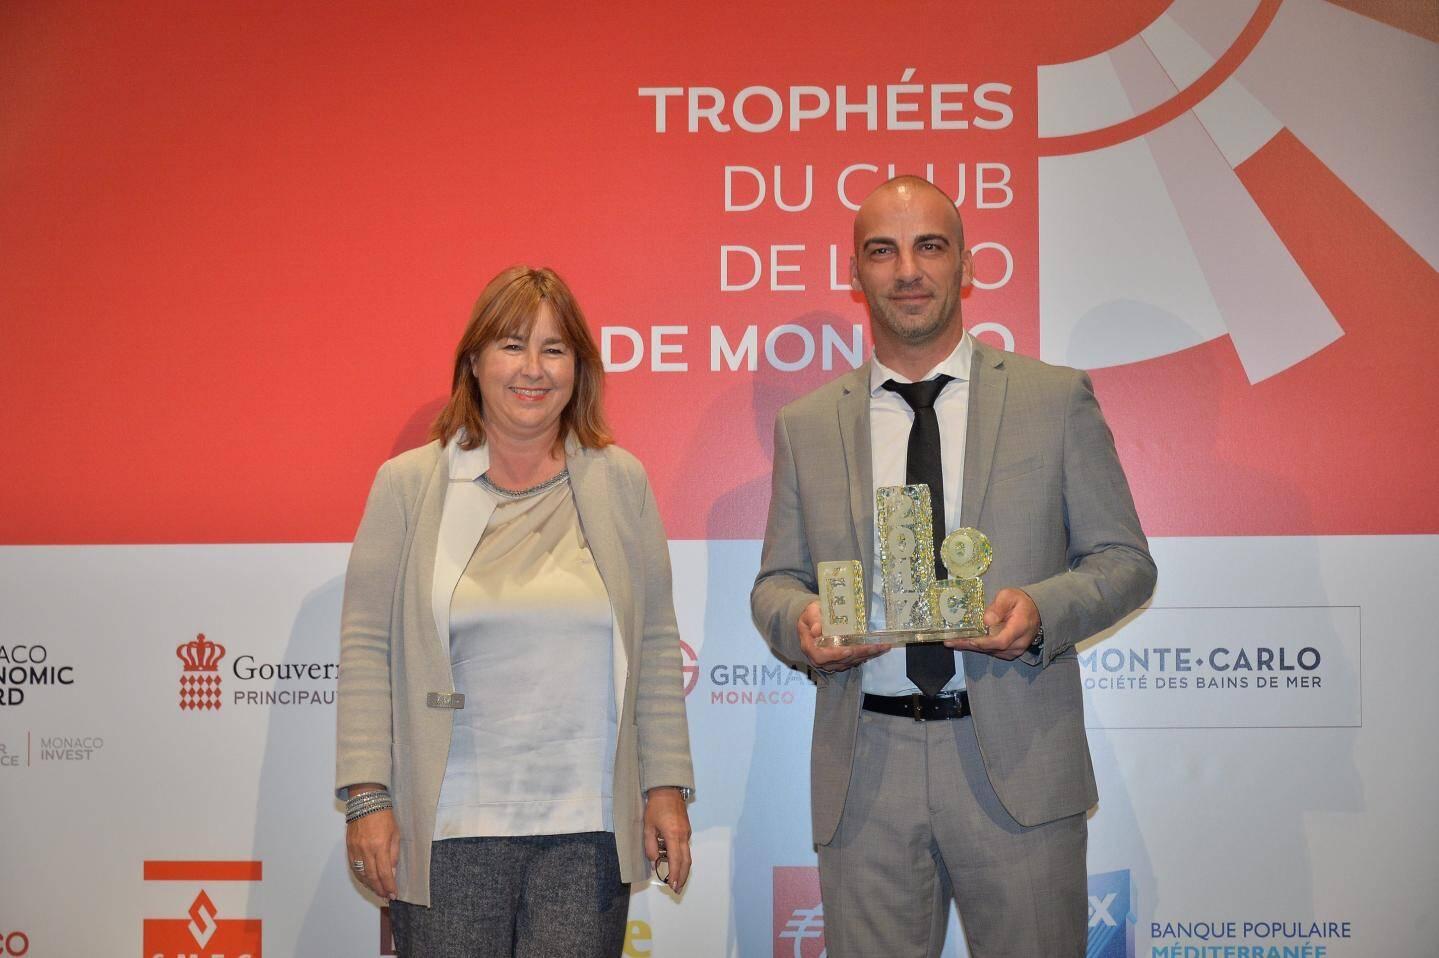 Wenaël Regnier, le directeur général de Semco, a reçu le trophée des mains de Marie-Pierre Gramaglia, conseiller de gouvernement-ministre de l'Équipement, l'Environnement et l'Urbanisme.